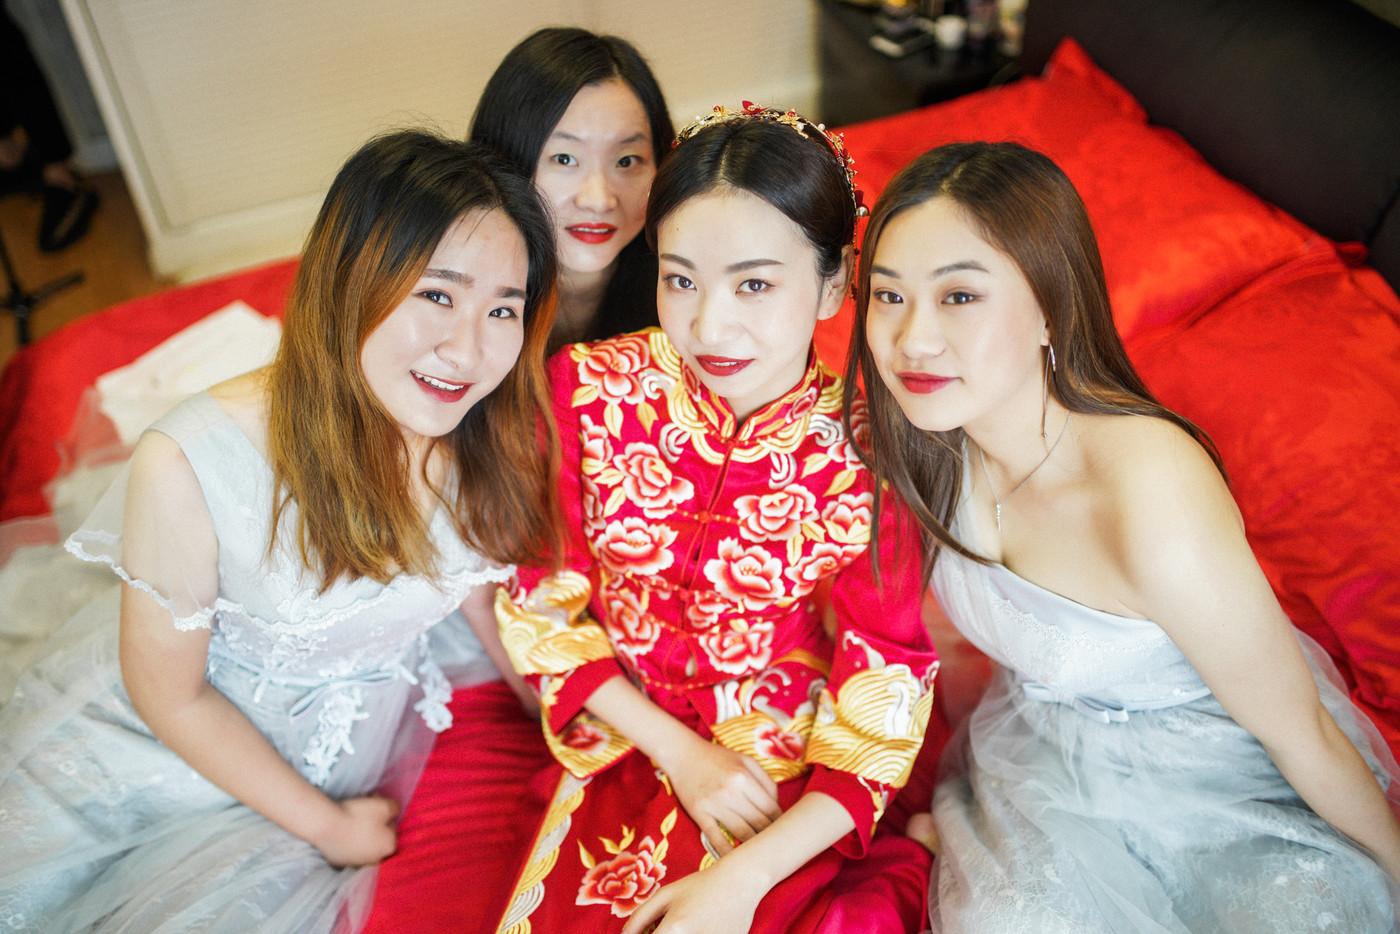 【KAI 婚礼纪实】P&S 南京婚礼15